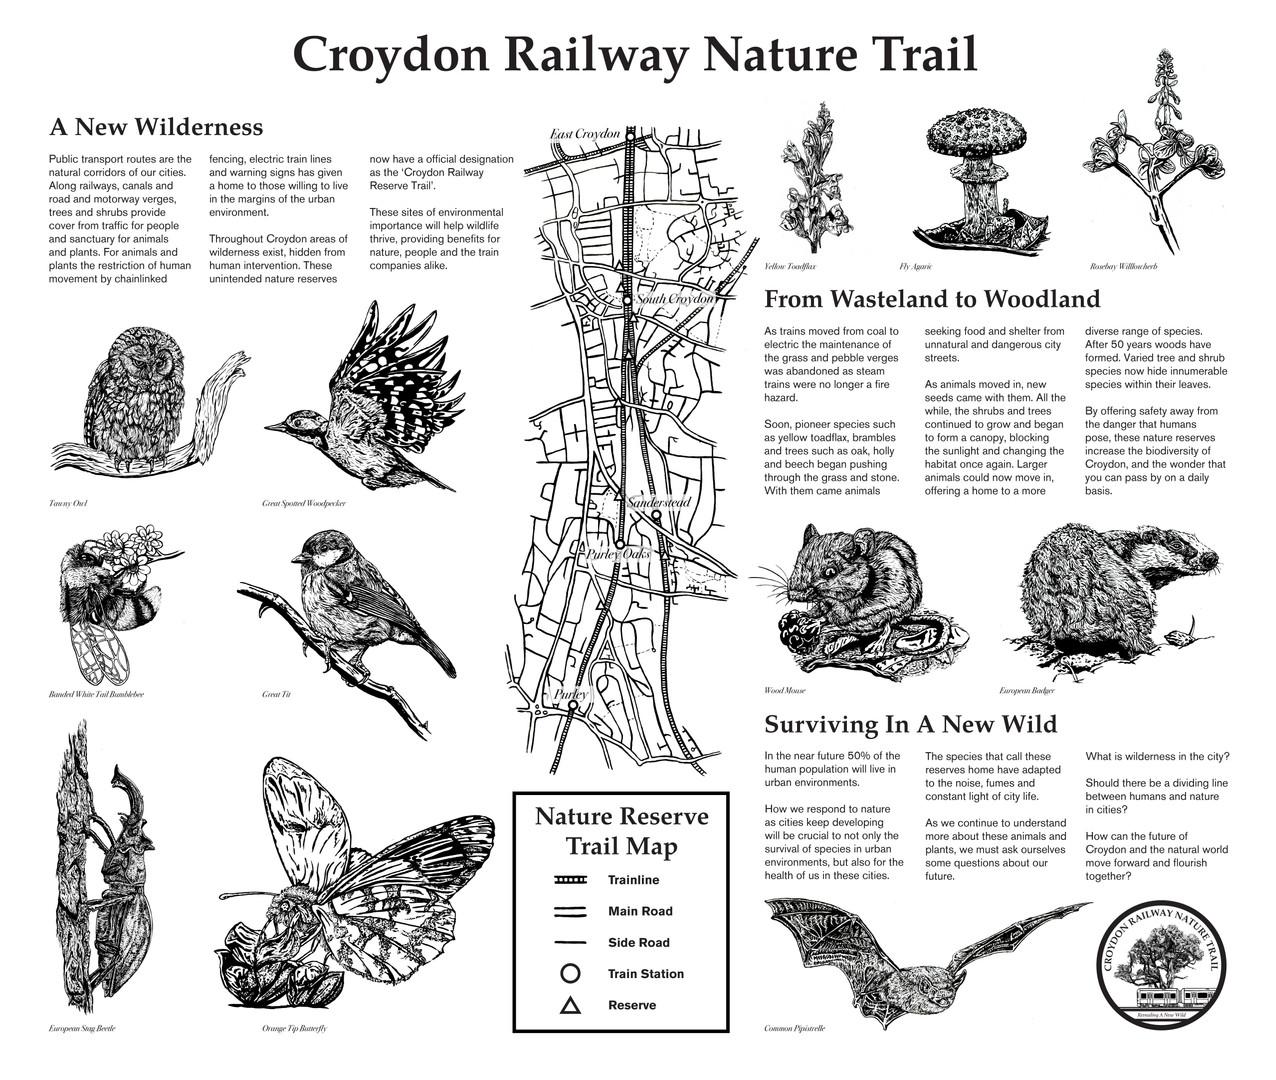 Croydon Railway Nature Trail